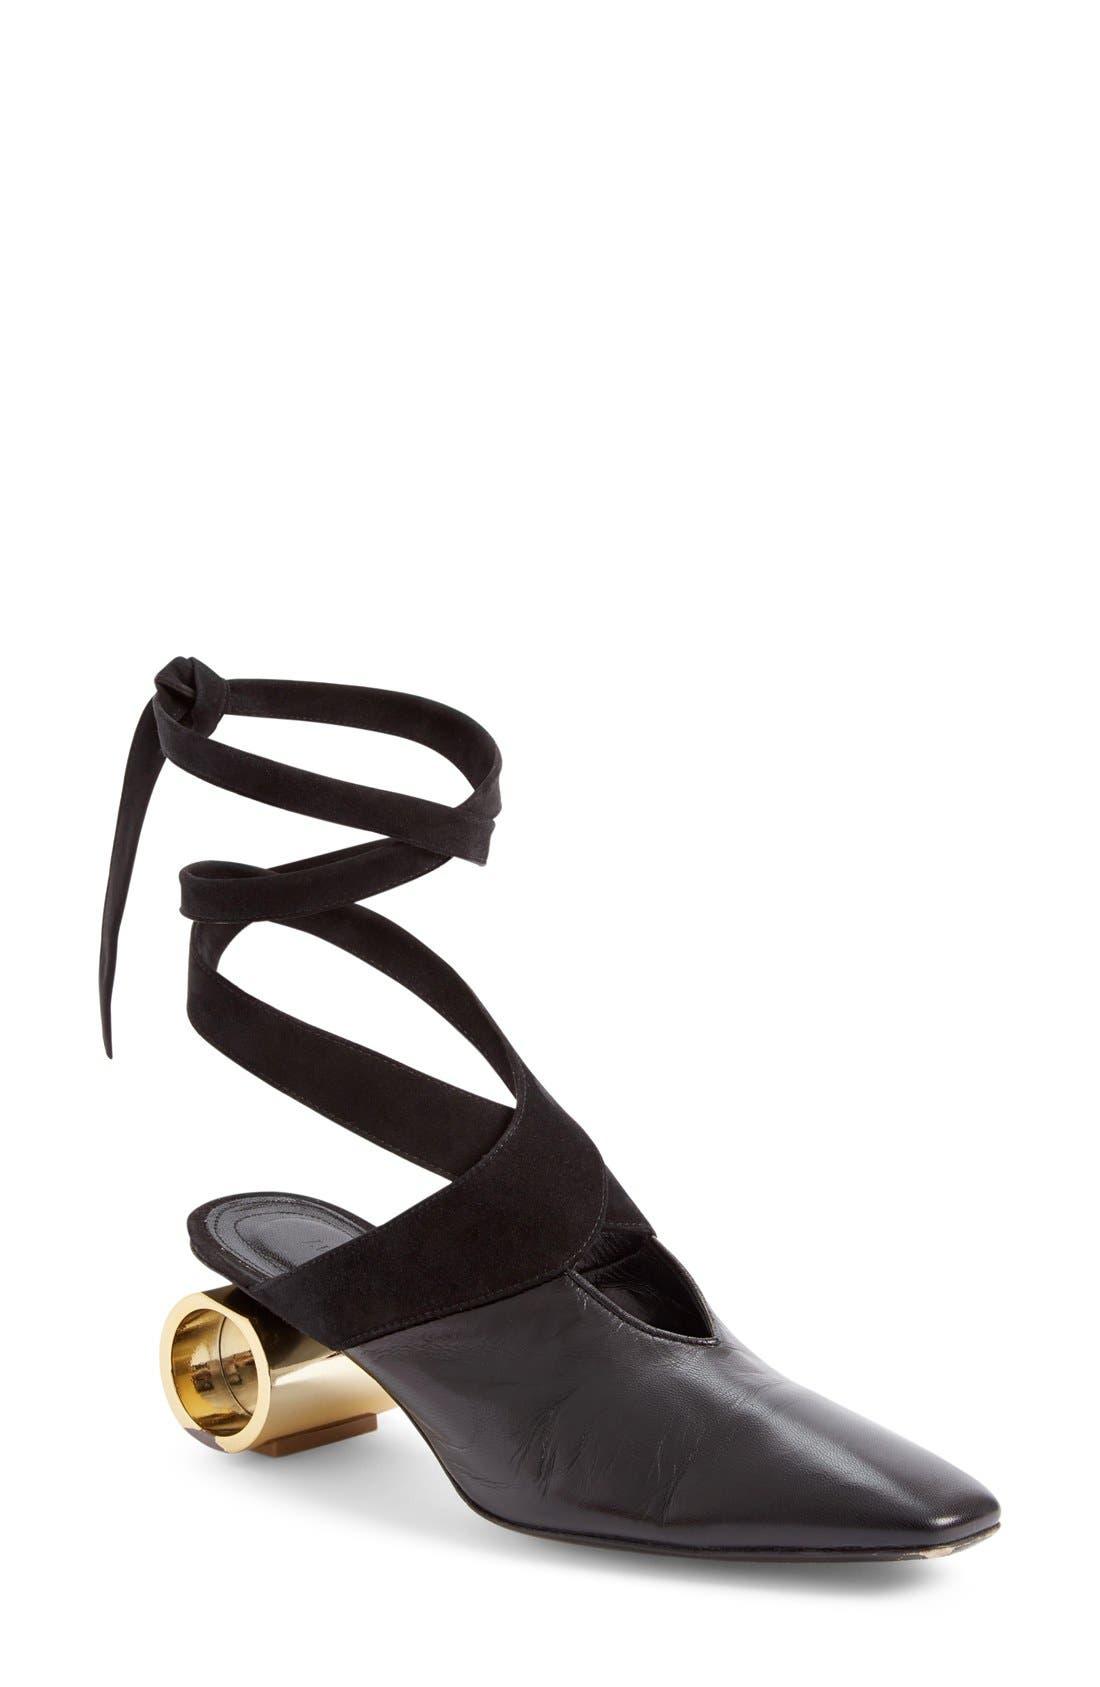 Alternate Image 1 Selected - J.W.ANDERSON Cylinder Heel Ballet Slide (Women)